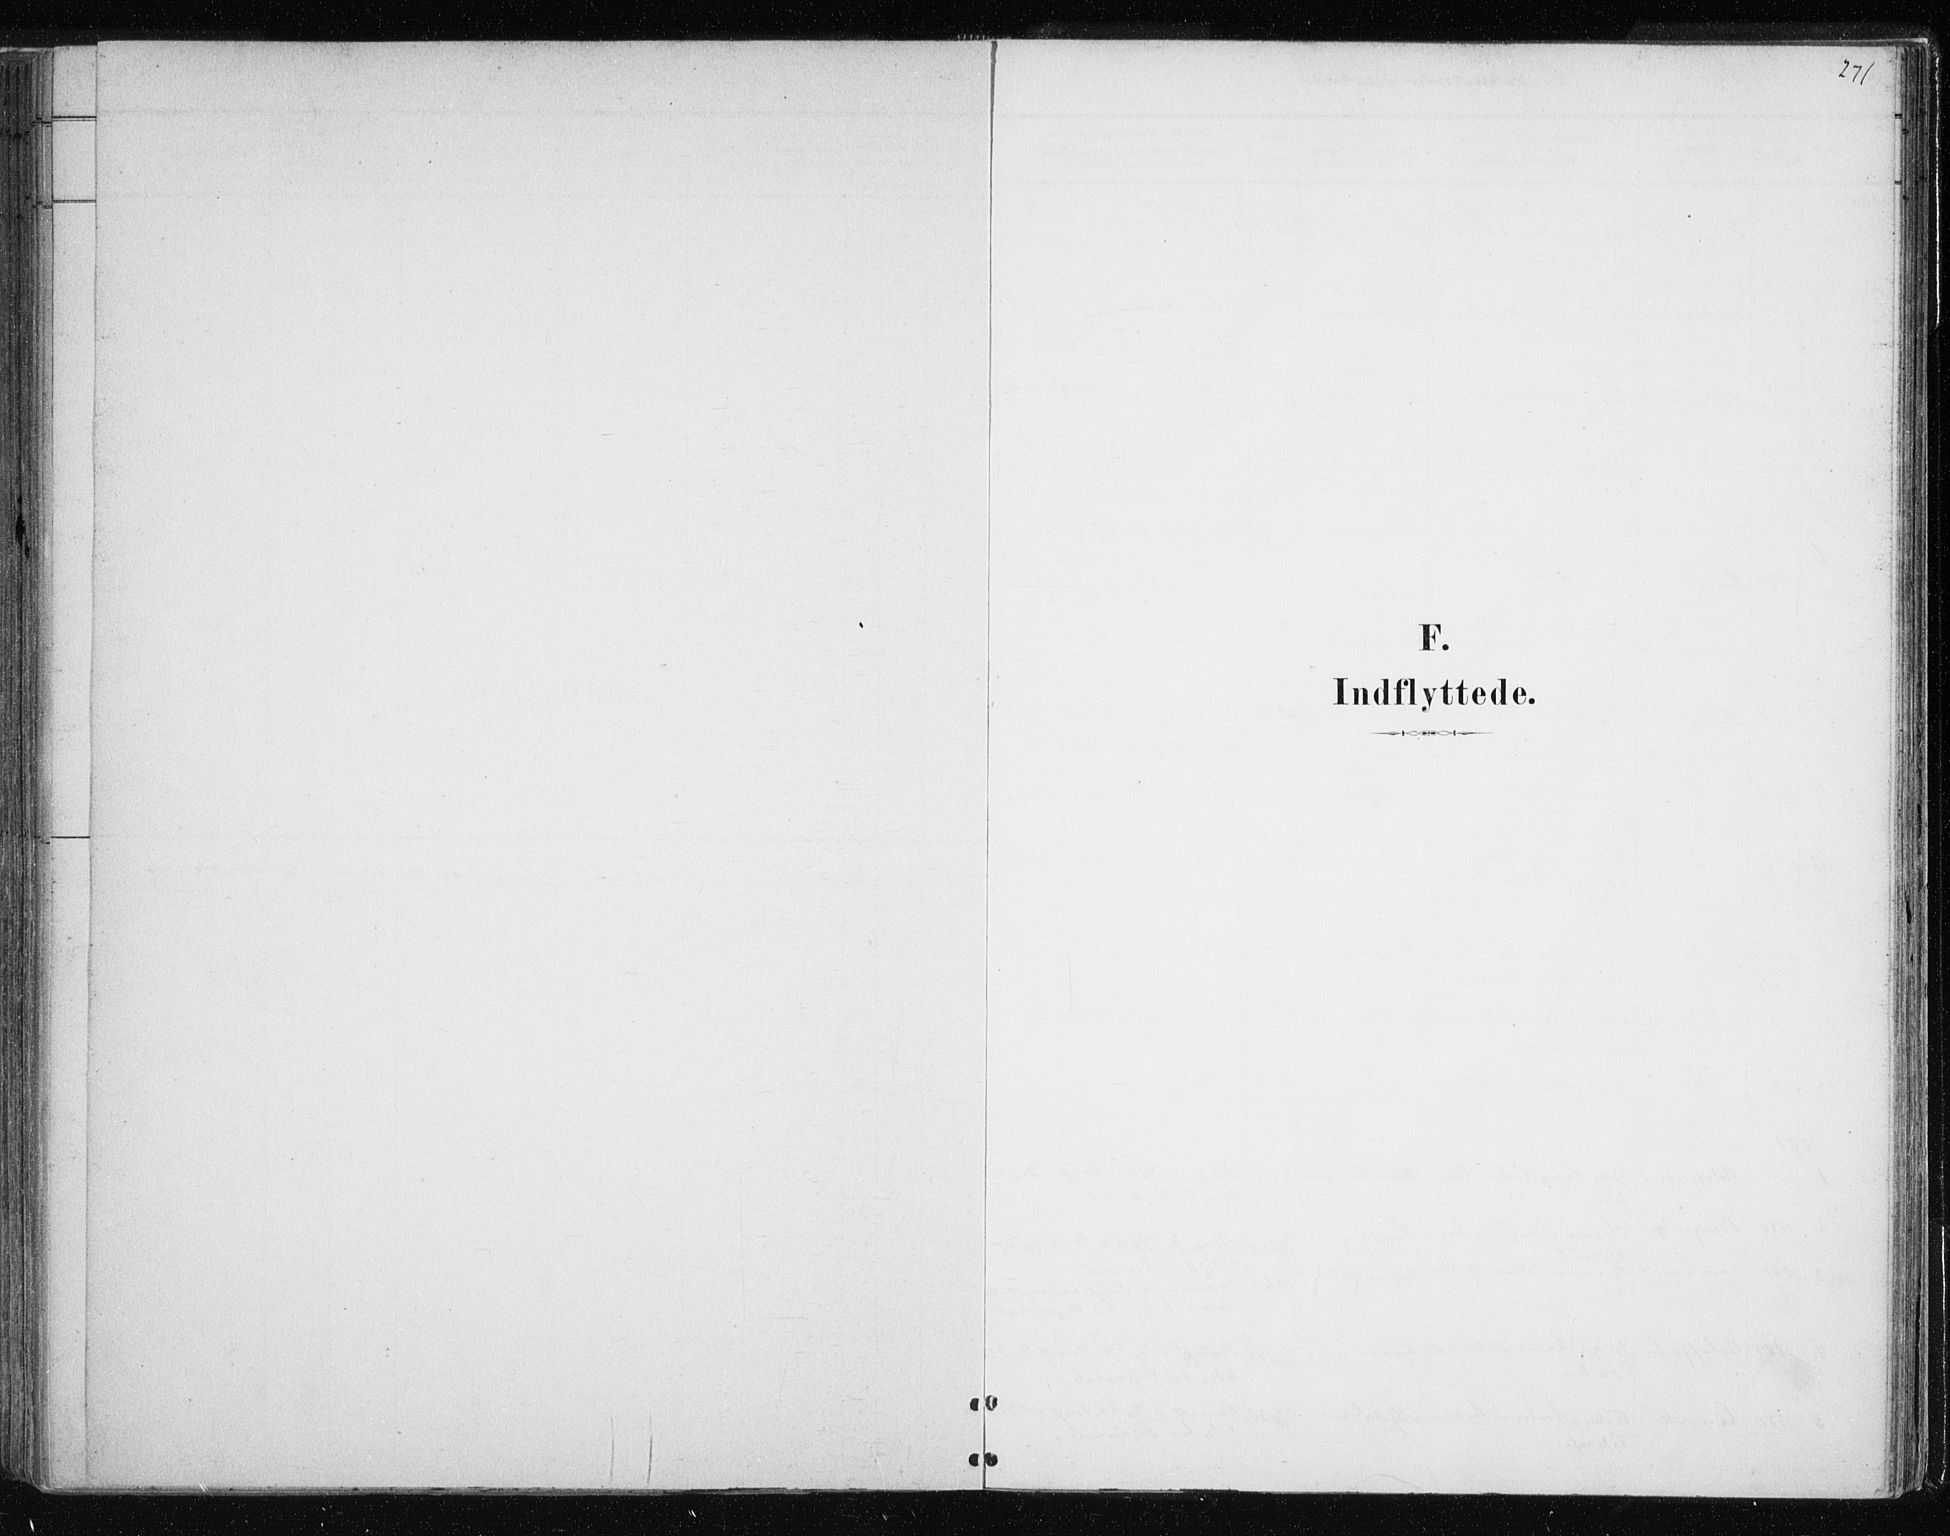 SATØ, Tromsøysund sokneprestkontor, G/Ga/L0004kirke: Ministerialbok nr. 4, 1880-1888, s. 271